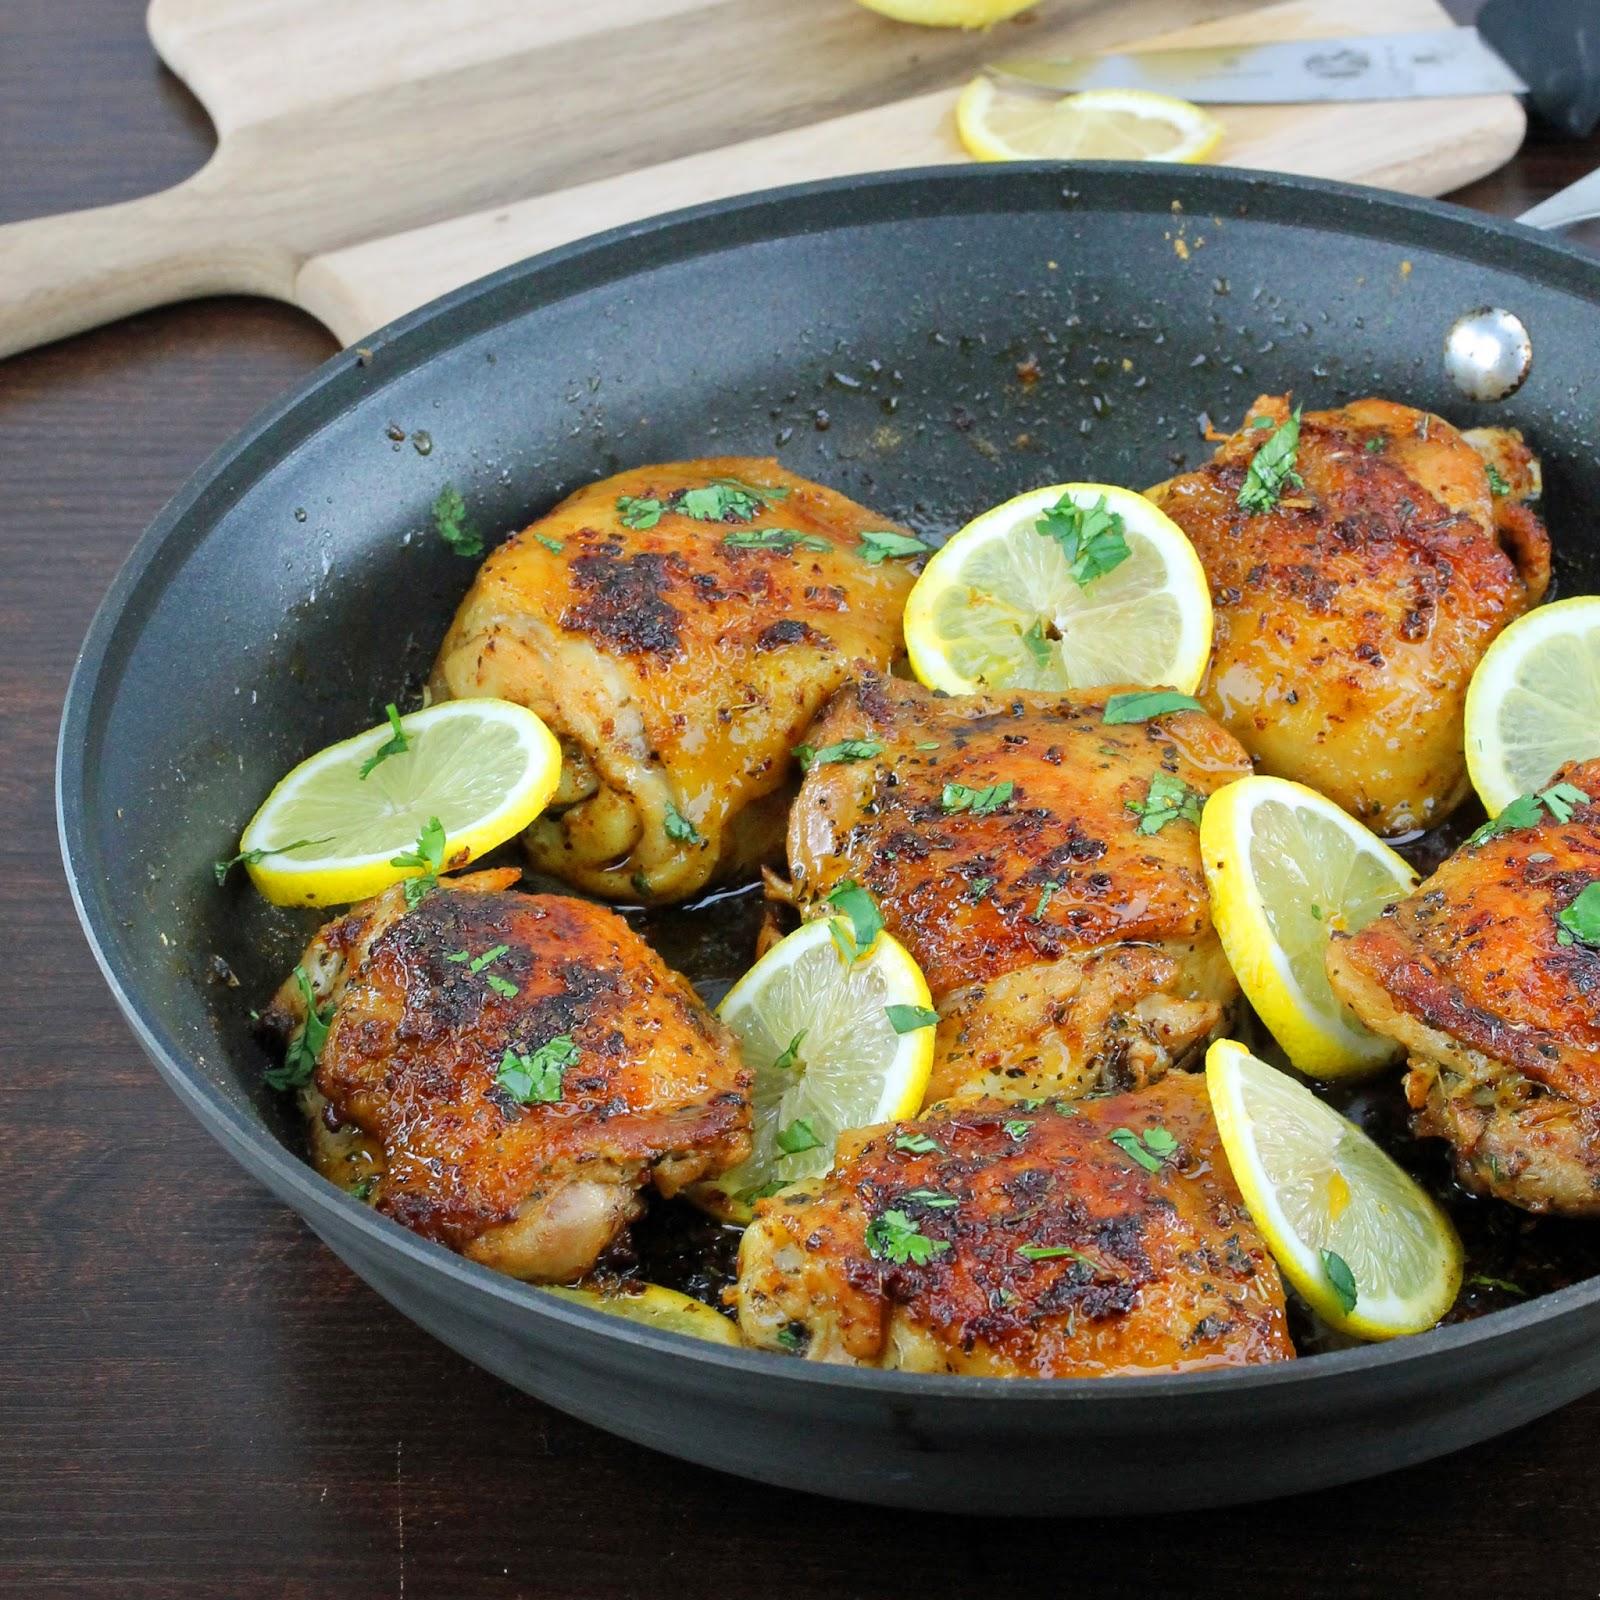 Easy skillet chicken thigh recipes